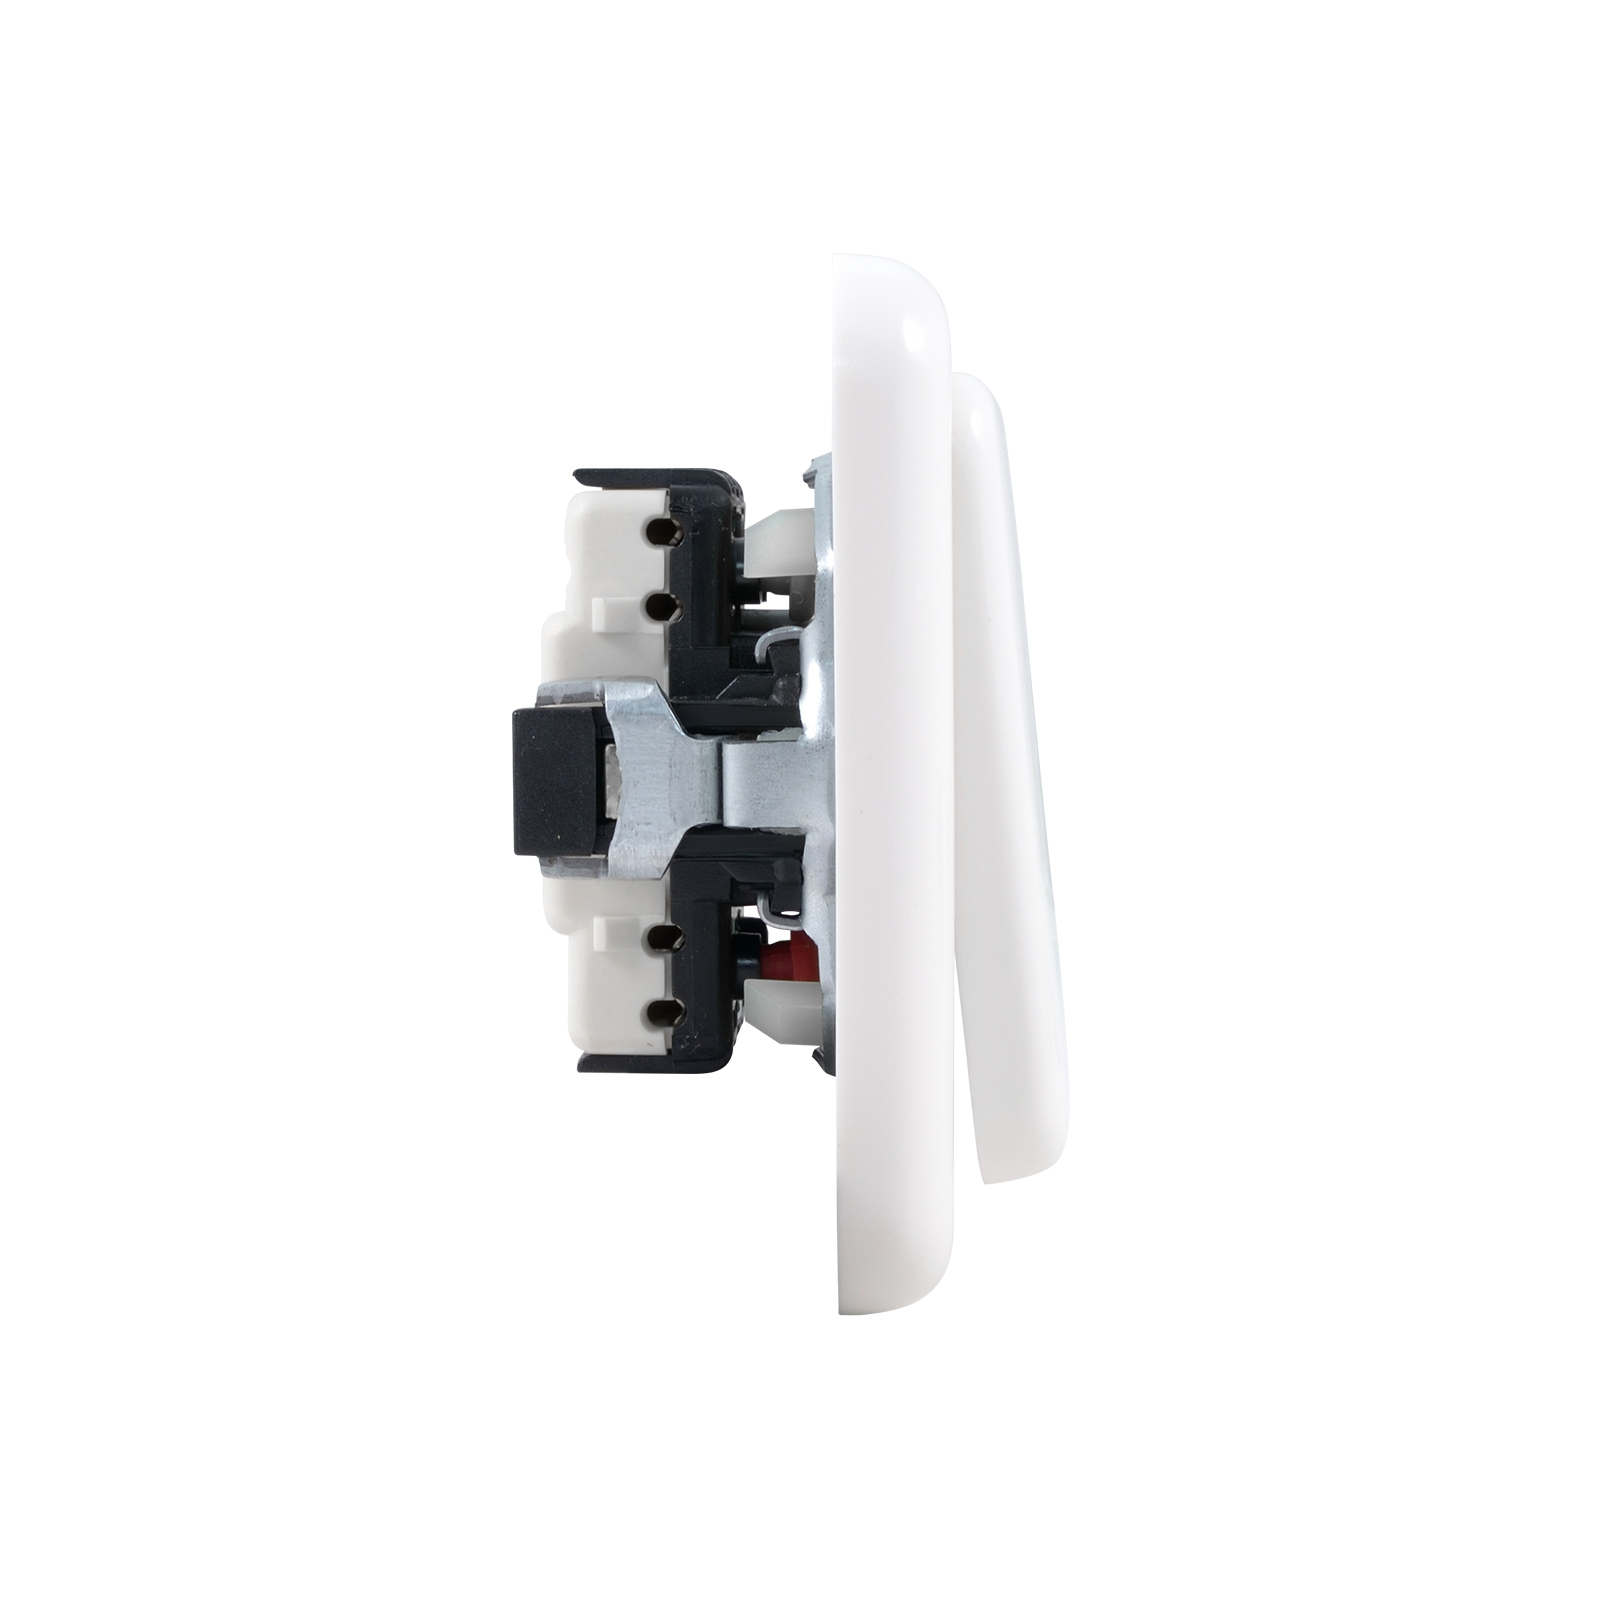 wippschalter up presto vedder regina jalousieschalter rollladenschalter schalter ebay. Black Bedroom Furniture Sets. Home Design Ideas